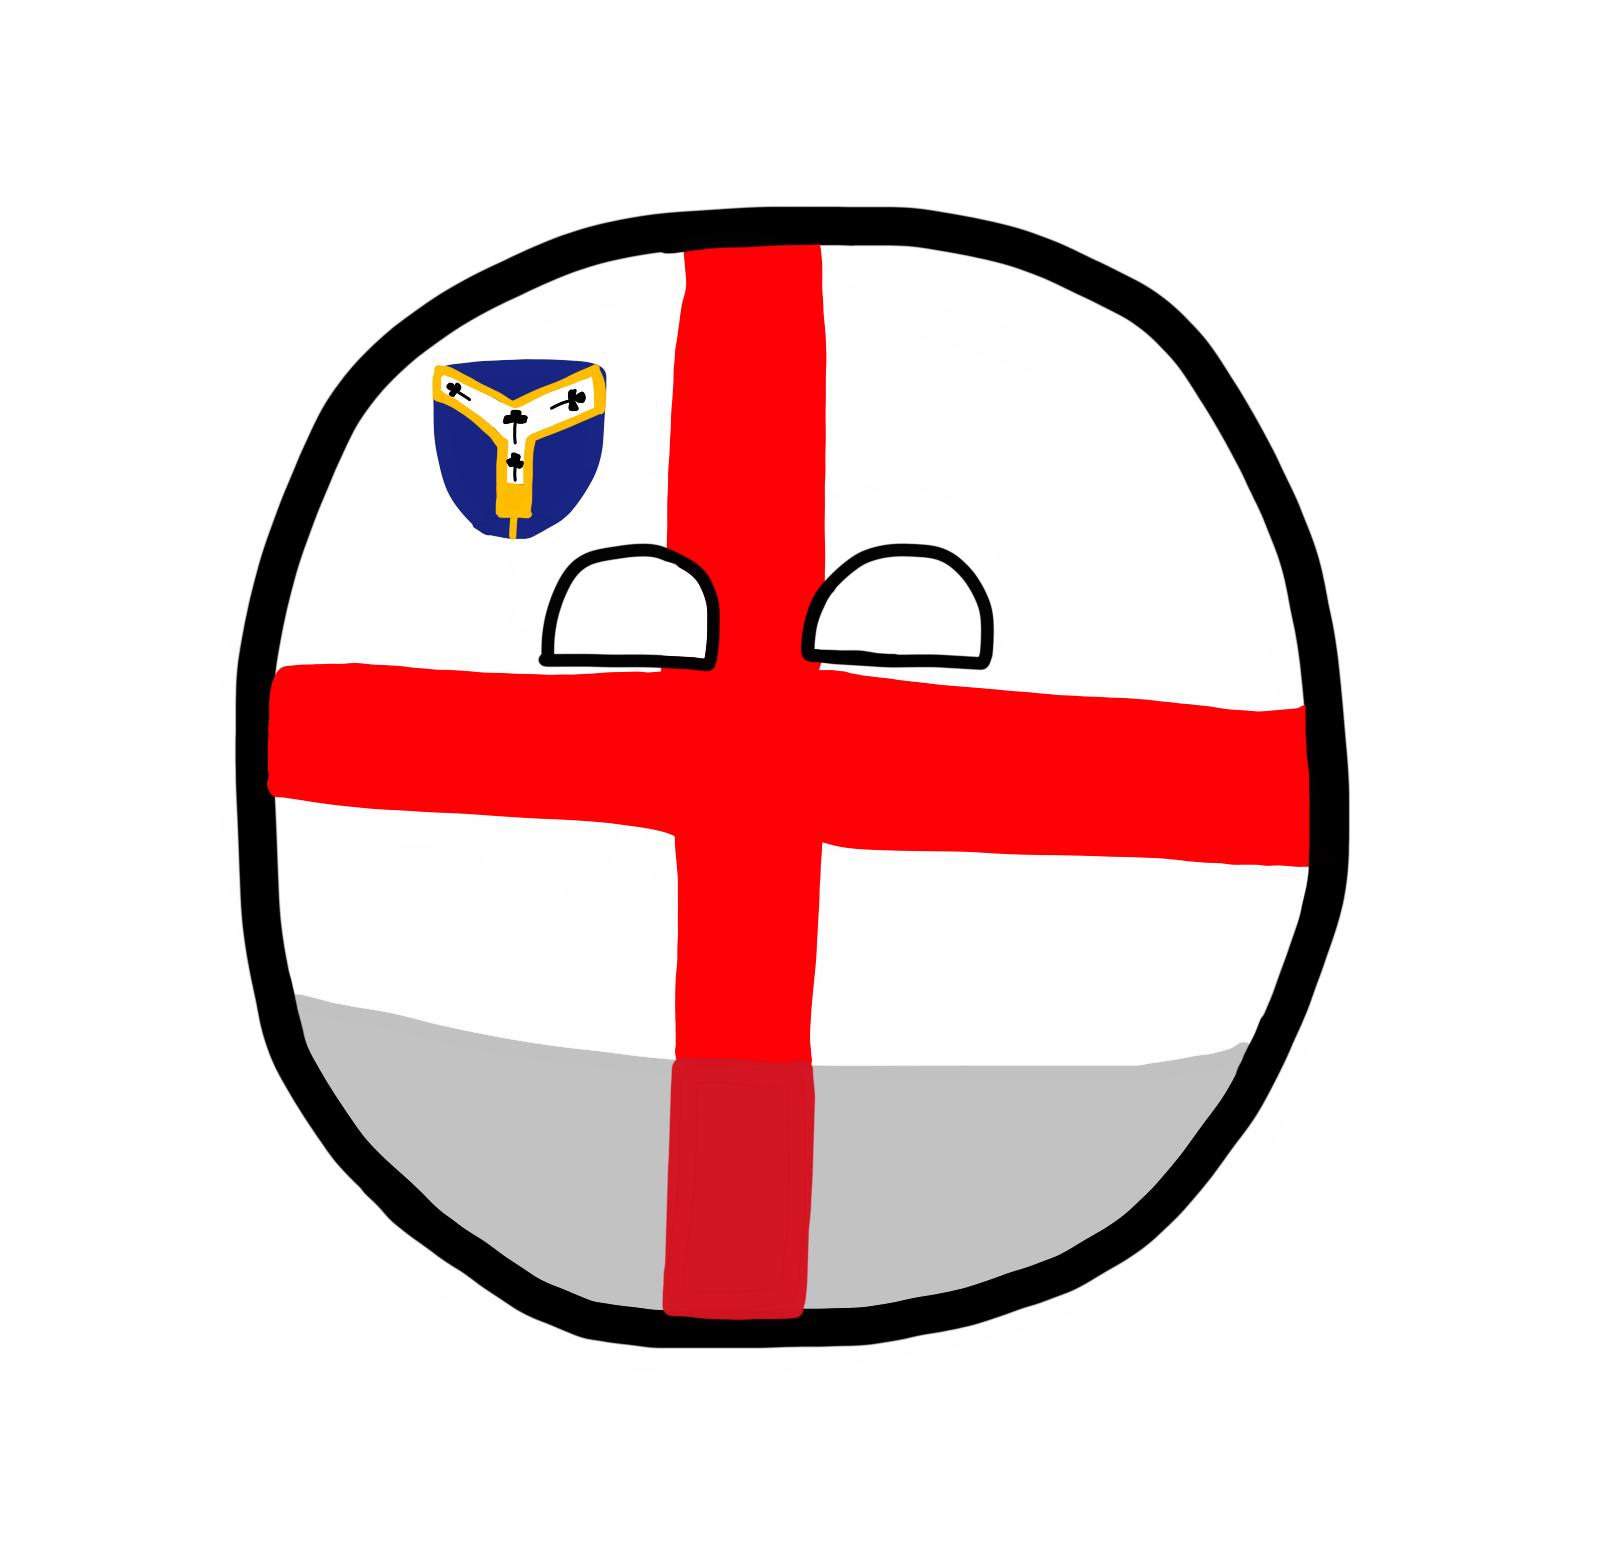 Canterburyball